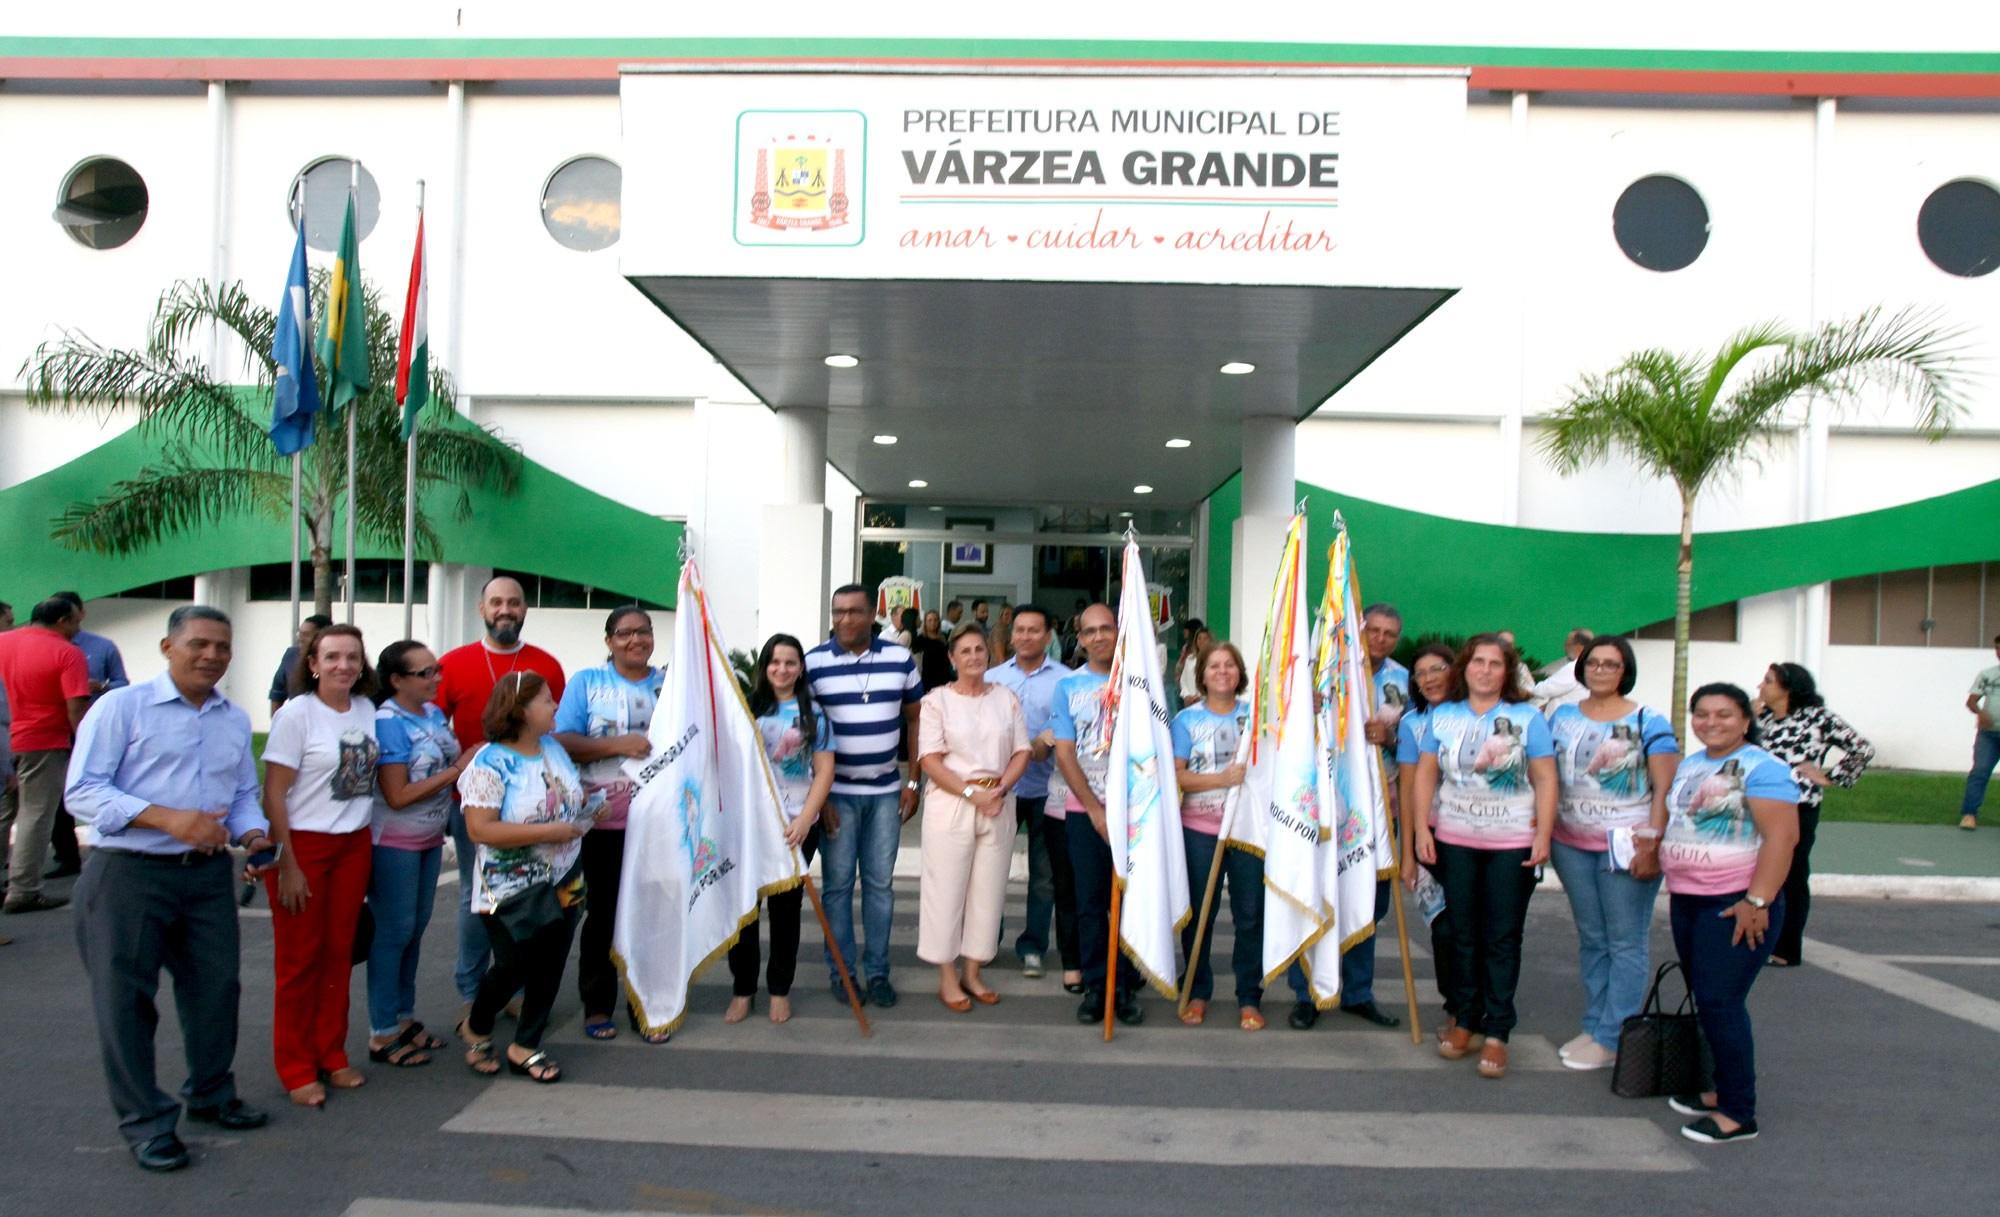 Prefeita recebe visita da bandeira dos festejos de 150 anos de Nossa Senhora da Guia